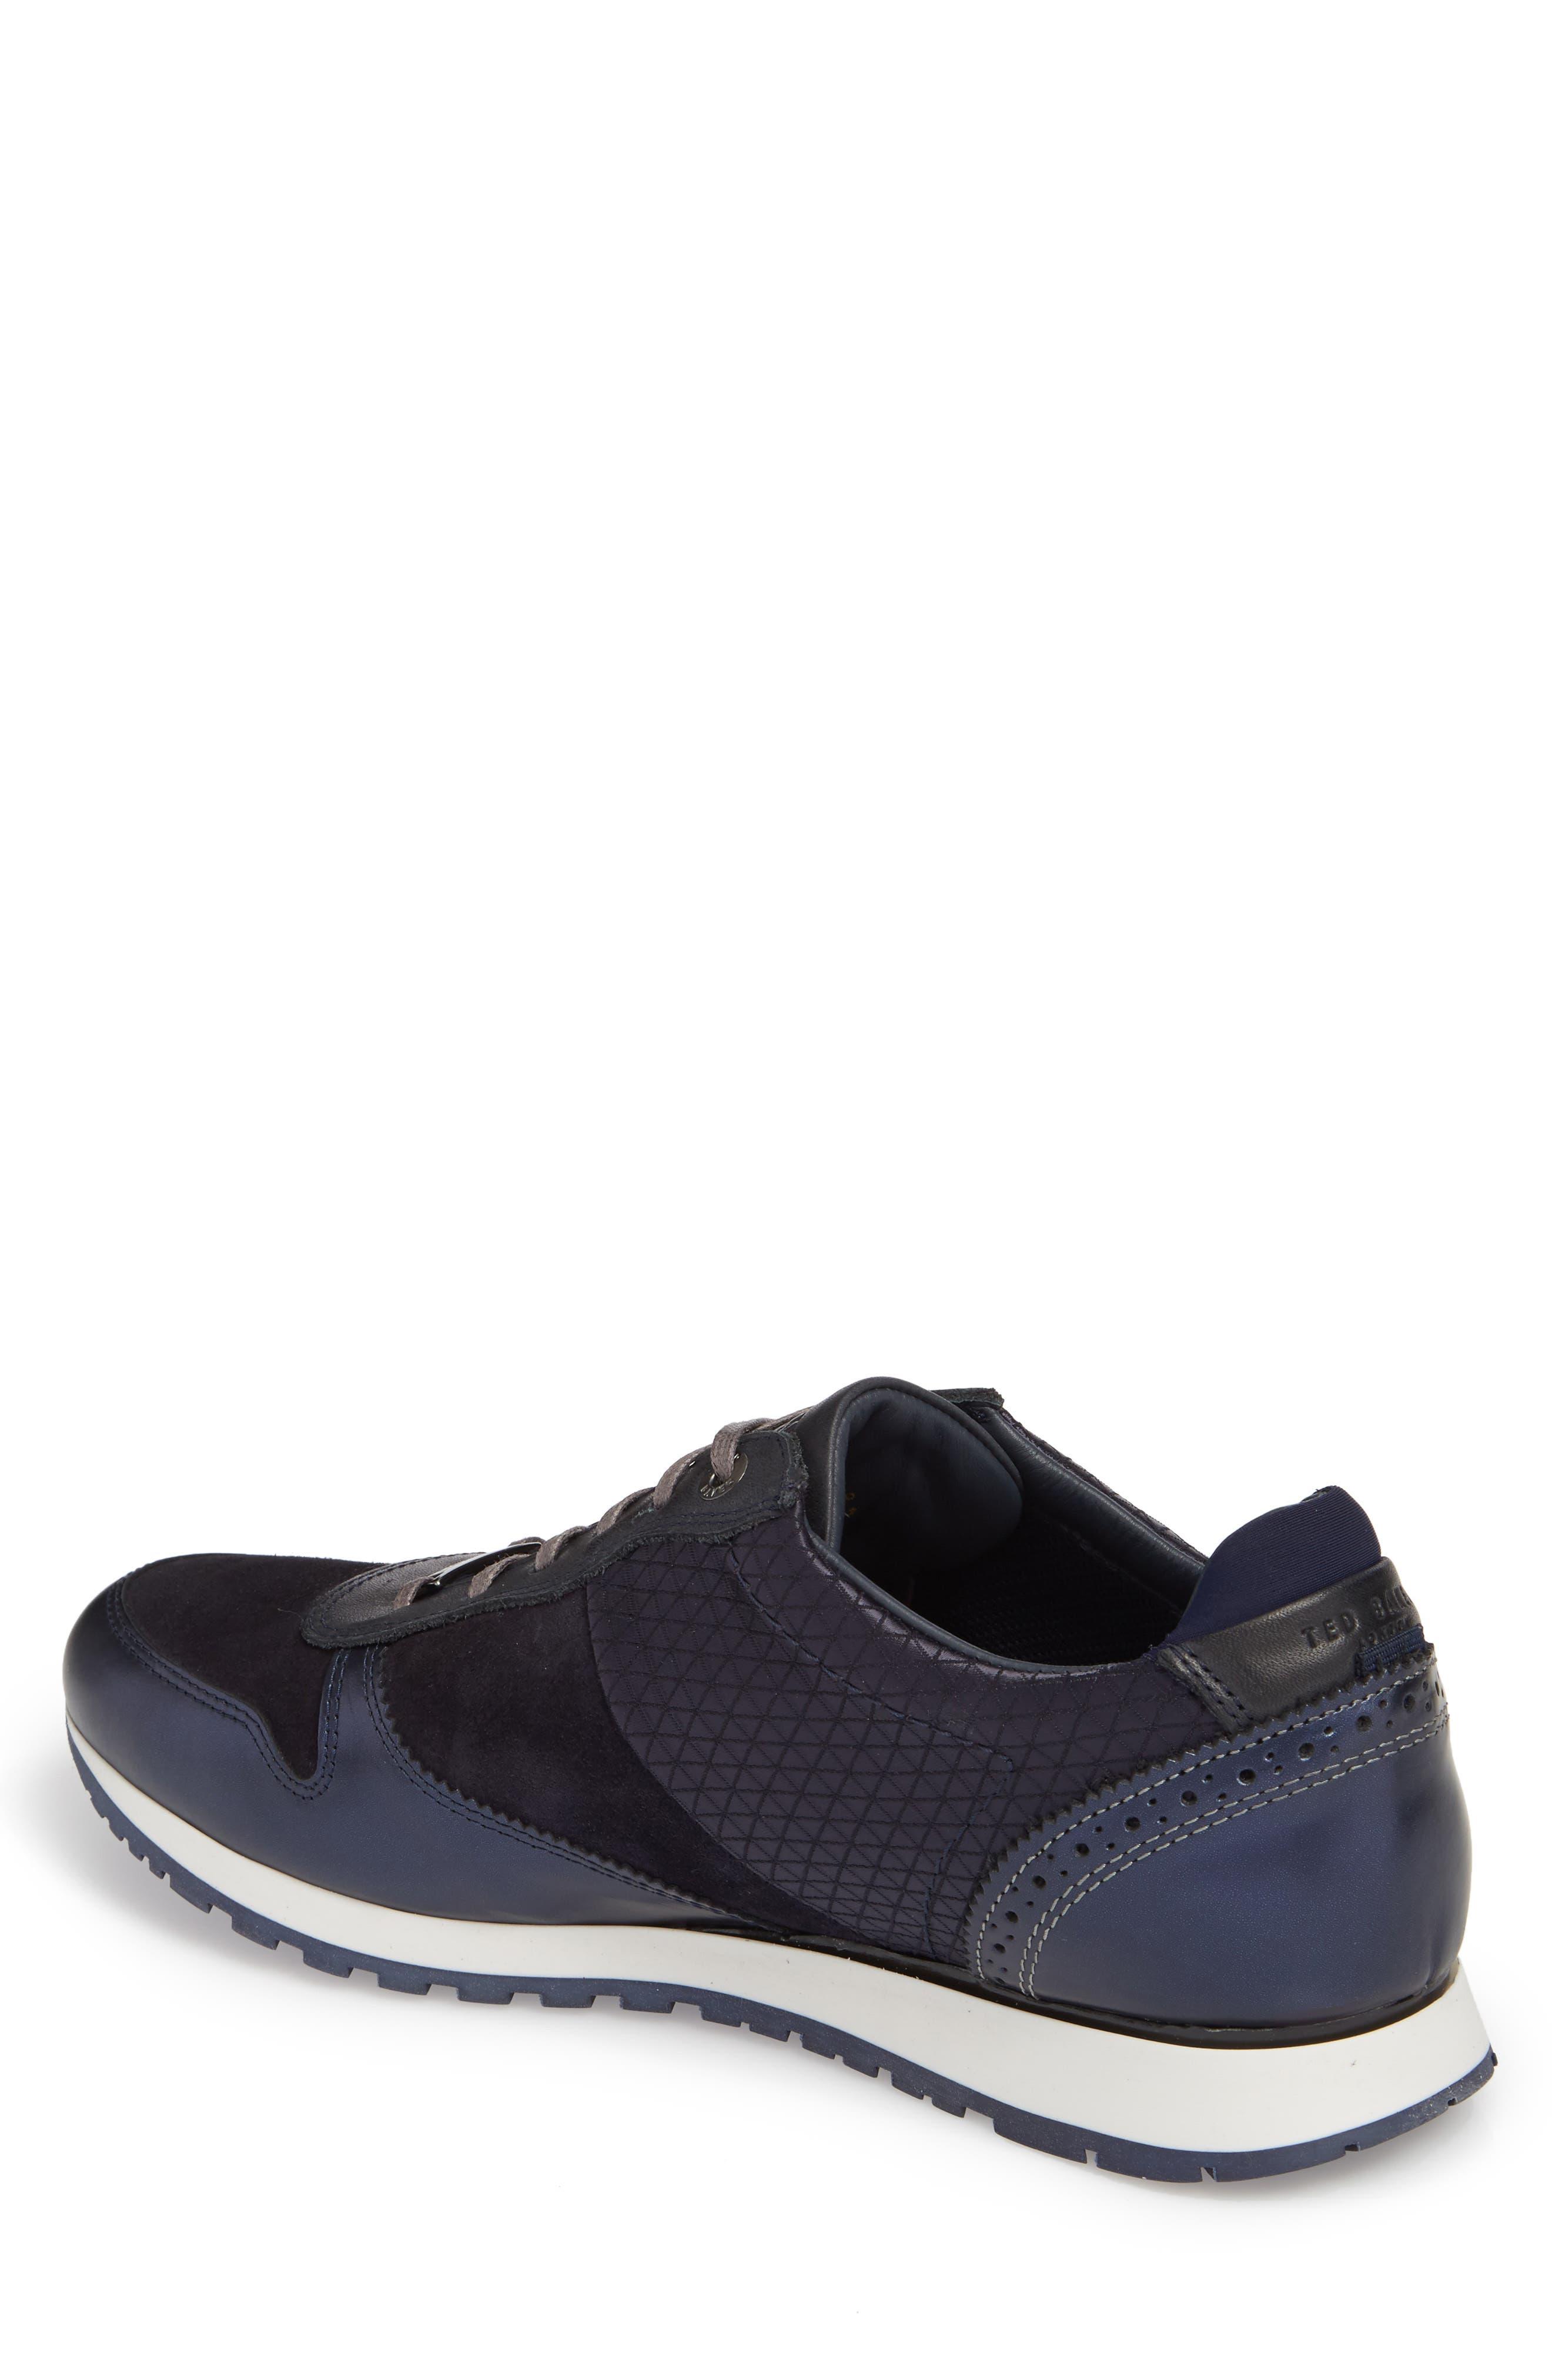 Alternate Image 2  - Ted Baker London Shindl Sneaker (Men)